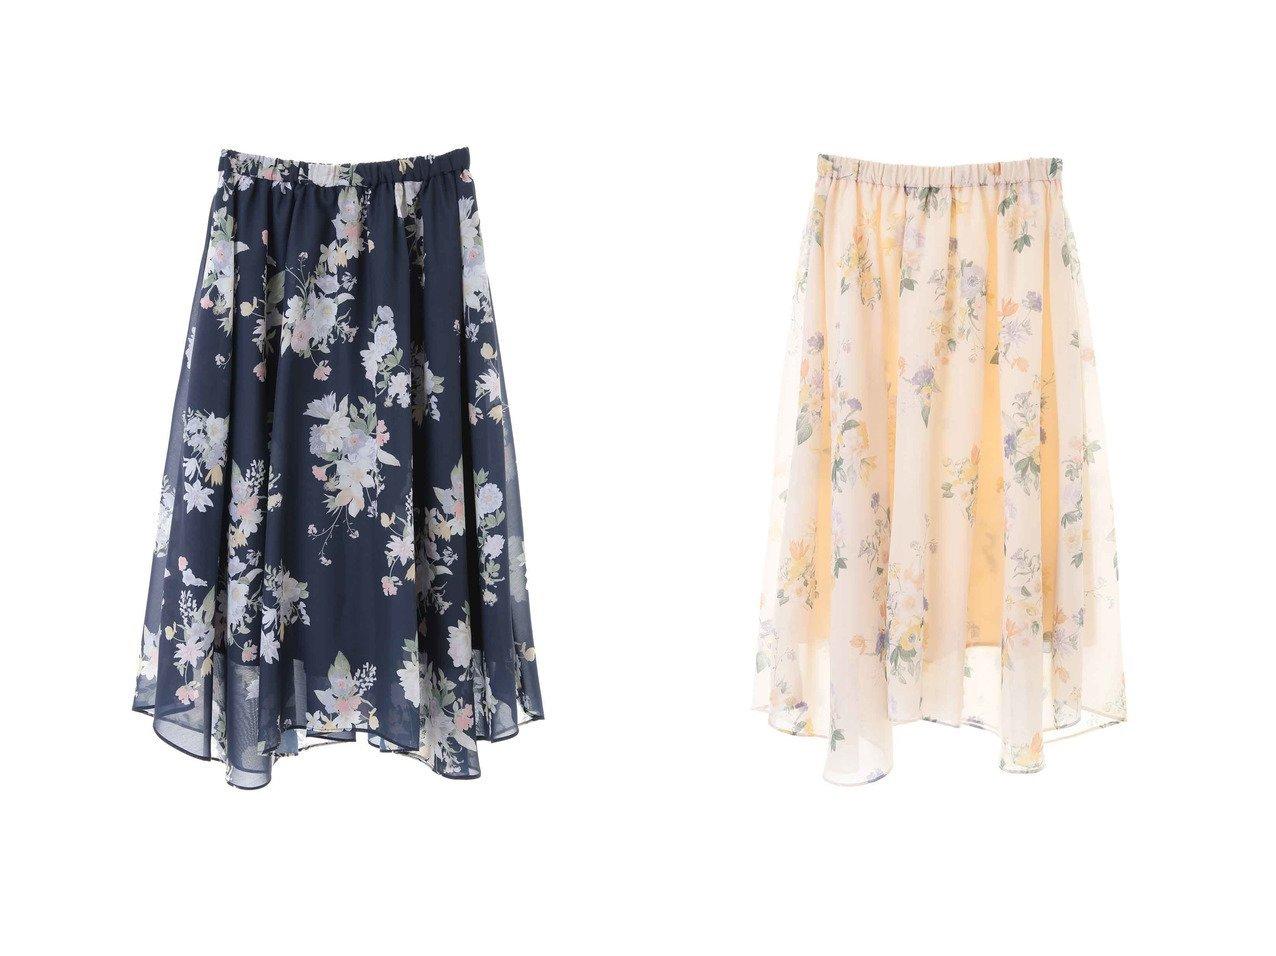 【31 Sons de mode/トランテアン ソン ドゥ モード】の花柄イレヘムスカート 【スカート】おすすめ!人気、トレンド・レディースファッションの通販 おすすめで人気の流行・トレンド、ファッションの通販商品 メンズファッション・キッズファッション・インテリア・家具・レディースファッション・服の通販 founy(ファニー) https://founy.com/ ファッション Fashion レディースファッション WOMEN スカート Skirt Aライン/フレアスカート Flared A-Line Skirts NEW・新作・新着・新入荷 New Arrivals 2021年 2021 2021春夏・S/S SS/Spring/Summer/2021 S/S・春夏 SS・Spring/Summer ギャザー シアー フラワー フレア プリント |ID:crp329100000036702